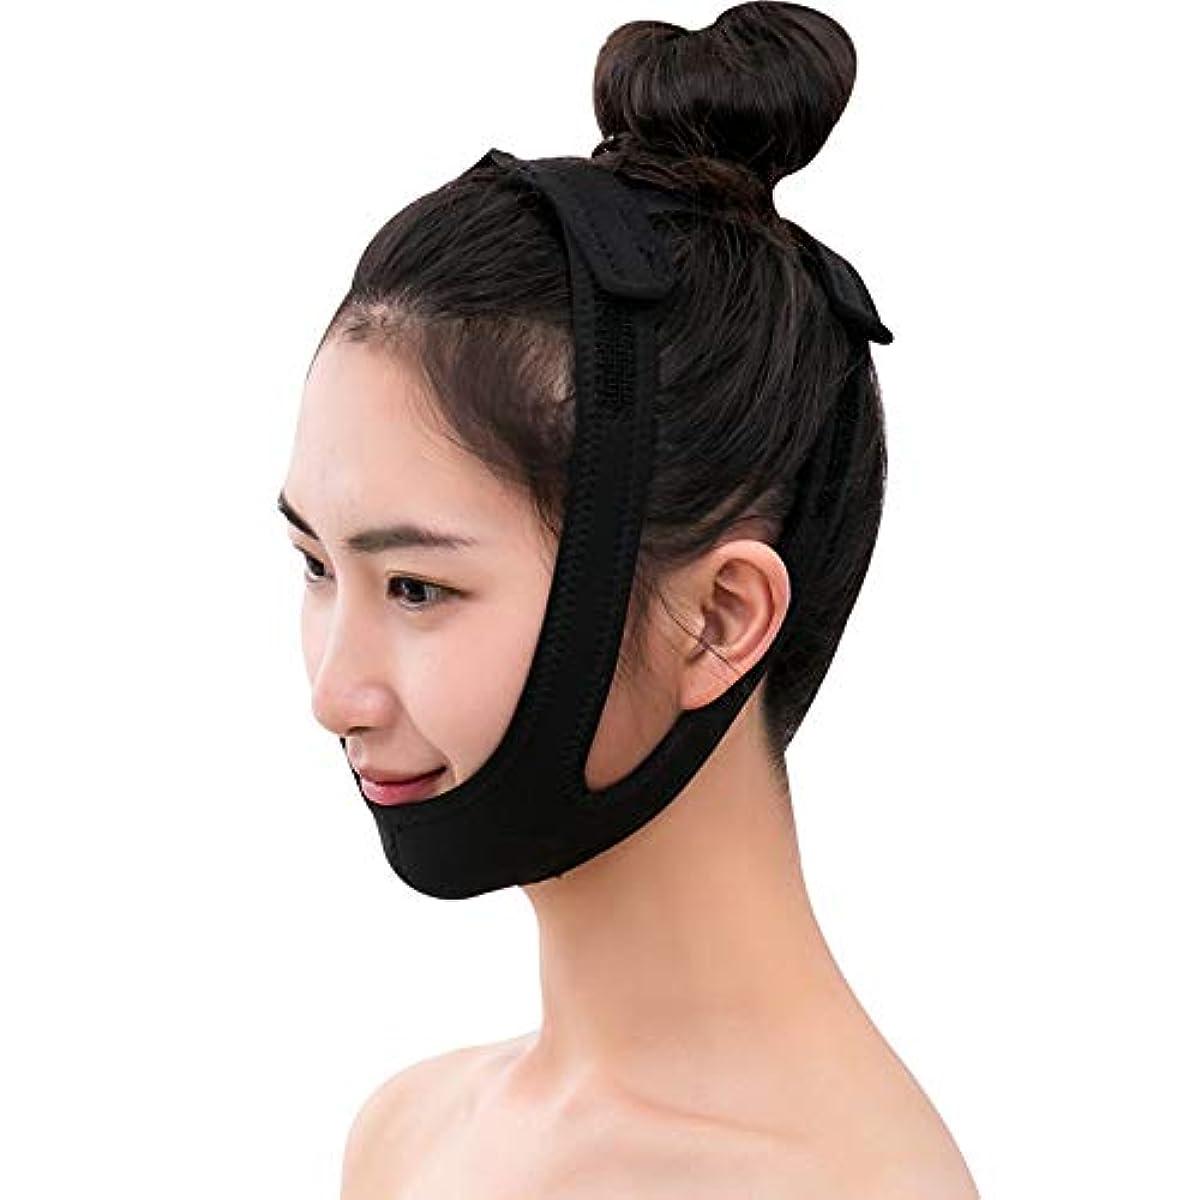 指定時刻表ピボットJia Jia- フェイシャルリフティング痩身ベルト圧縮二重あご減量ベルトスキンケア薄い顔包帯二重あごワークアウト 顔面包帯